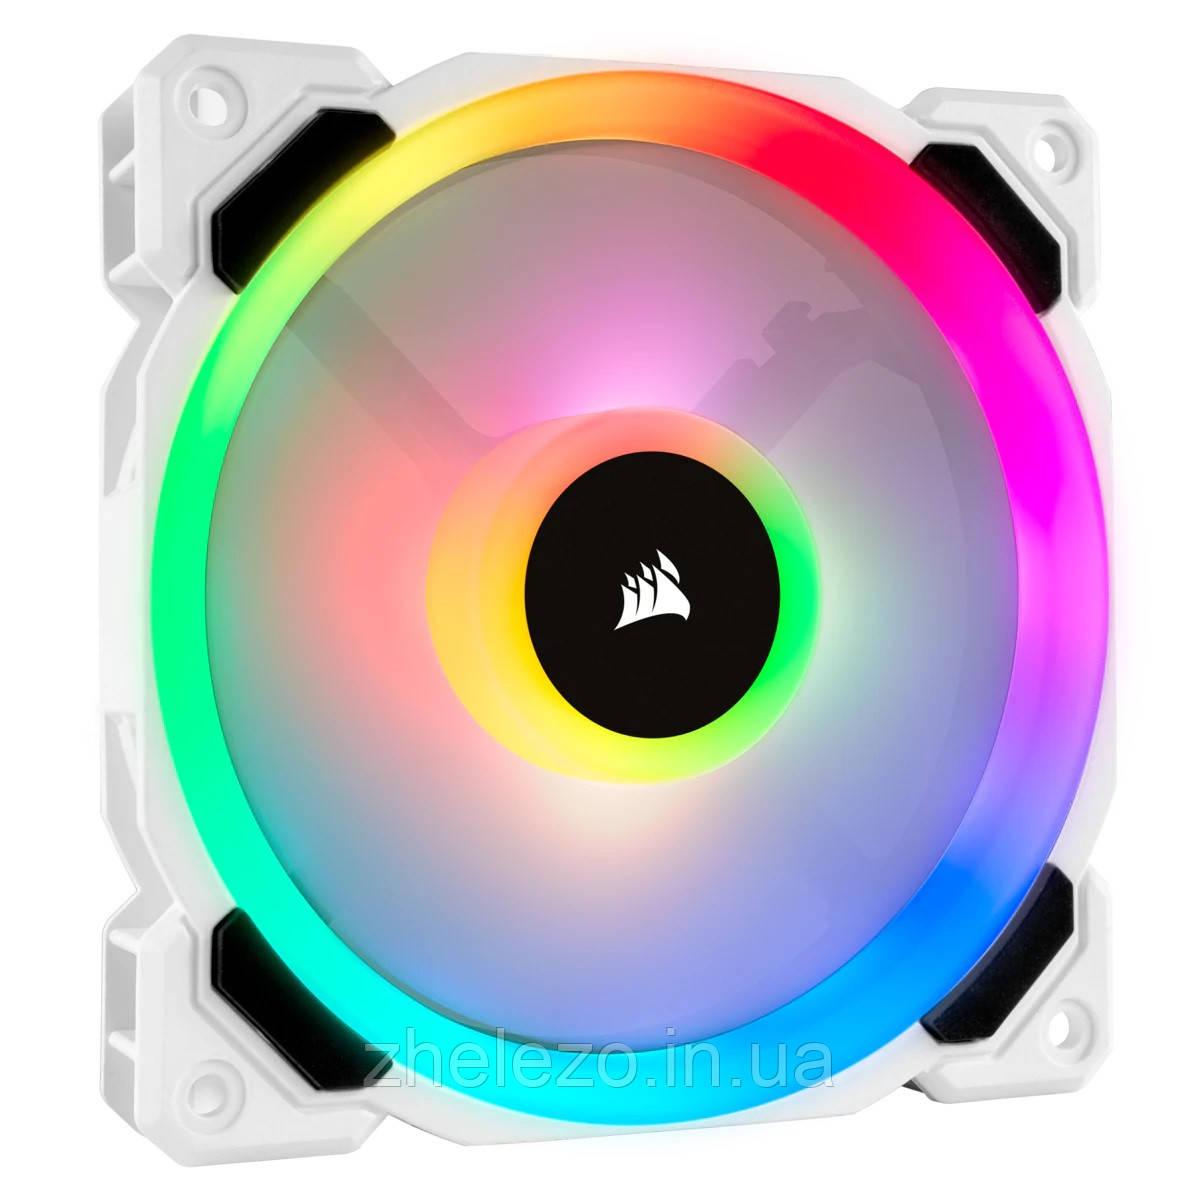 Вентилятор Corsair LL120 RGB (CO-9050091-WW), 120х120х25мм, 4-pin PWM, білий